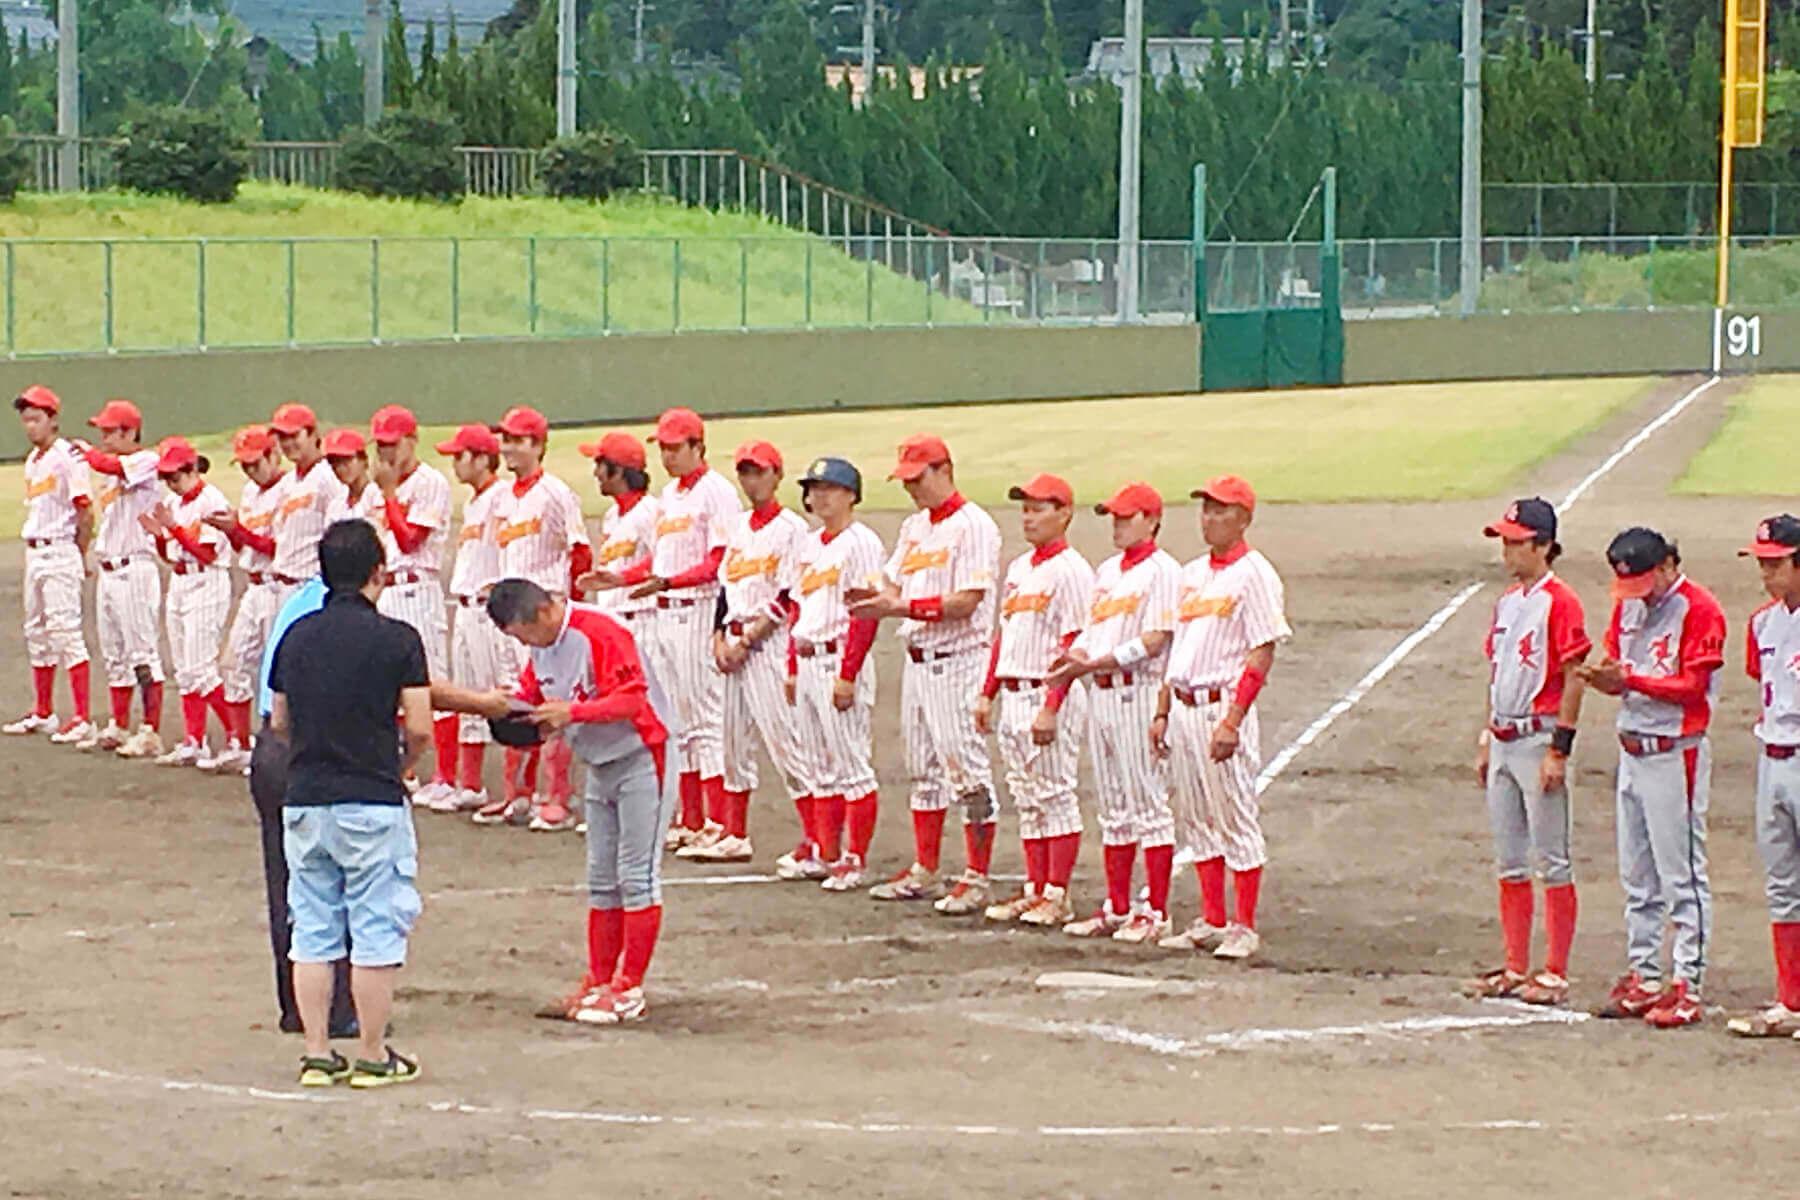 朝日I&Rクラブ武雄は武内体協野球部を2-0で下し、第56回佐賀県アマチュア野球王座決定戦の武雄地区で優勝しました。